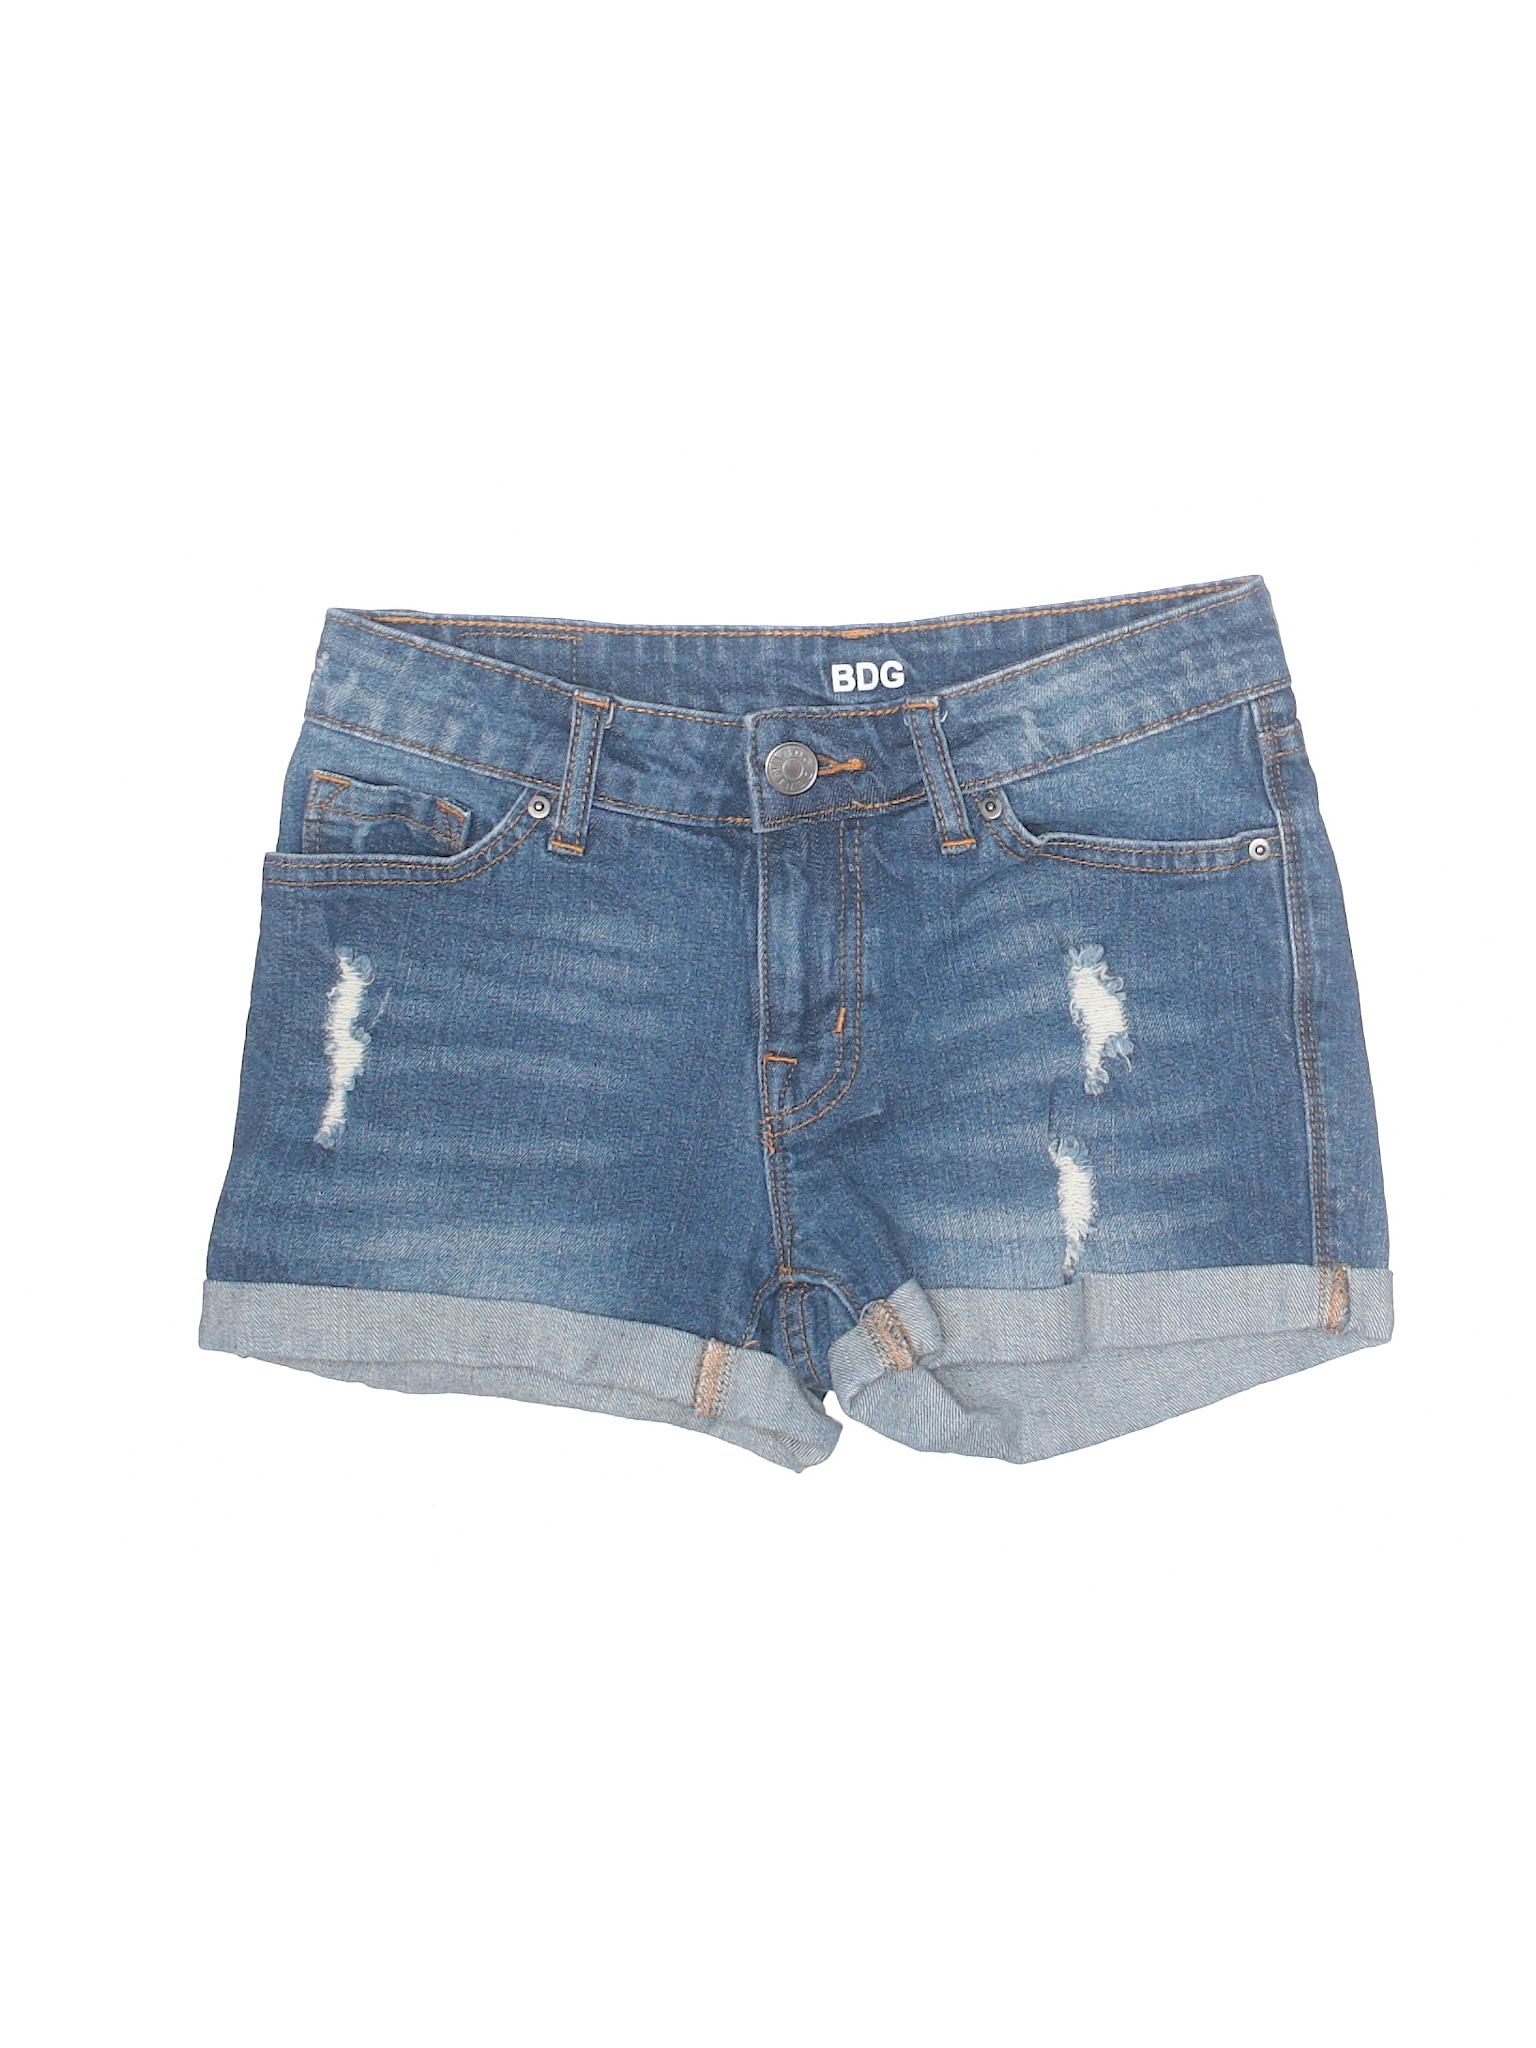 Denim BDG Shorts Boutique Boutique Denim Boutique BDG Denim Denim BDG Shorts Shorts BDG Boutique Boutique Shorts 1C4CqS